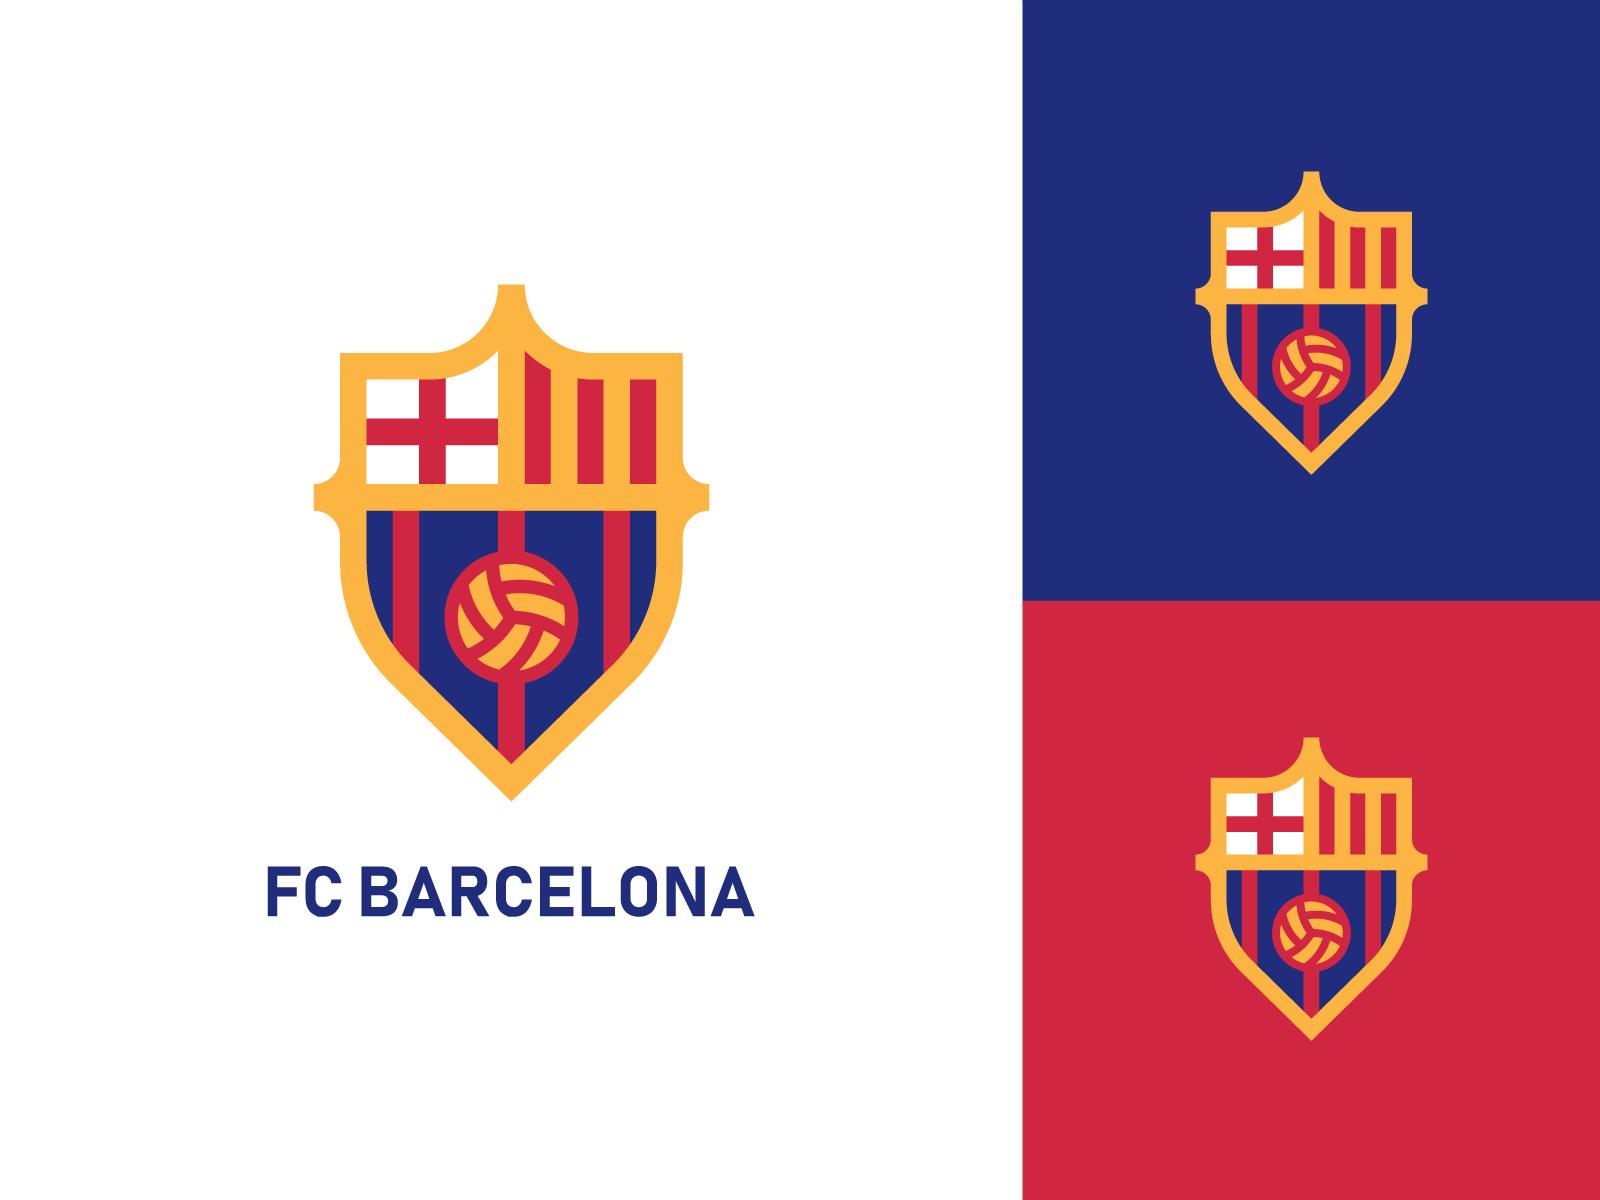 fc barcelona logo by jabir j3 on dribbble fc barcelona logo by jabir j3 on dribbble